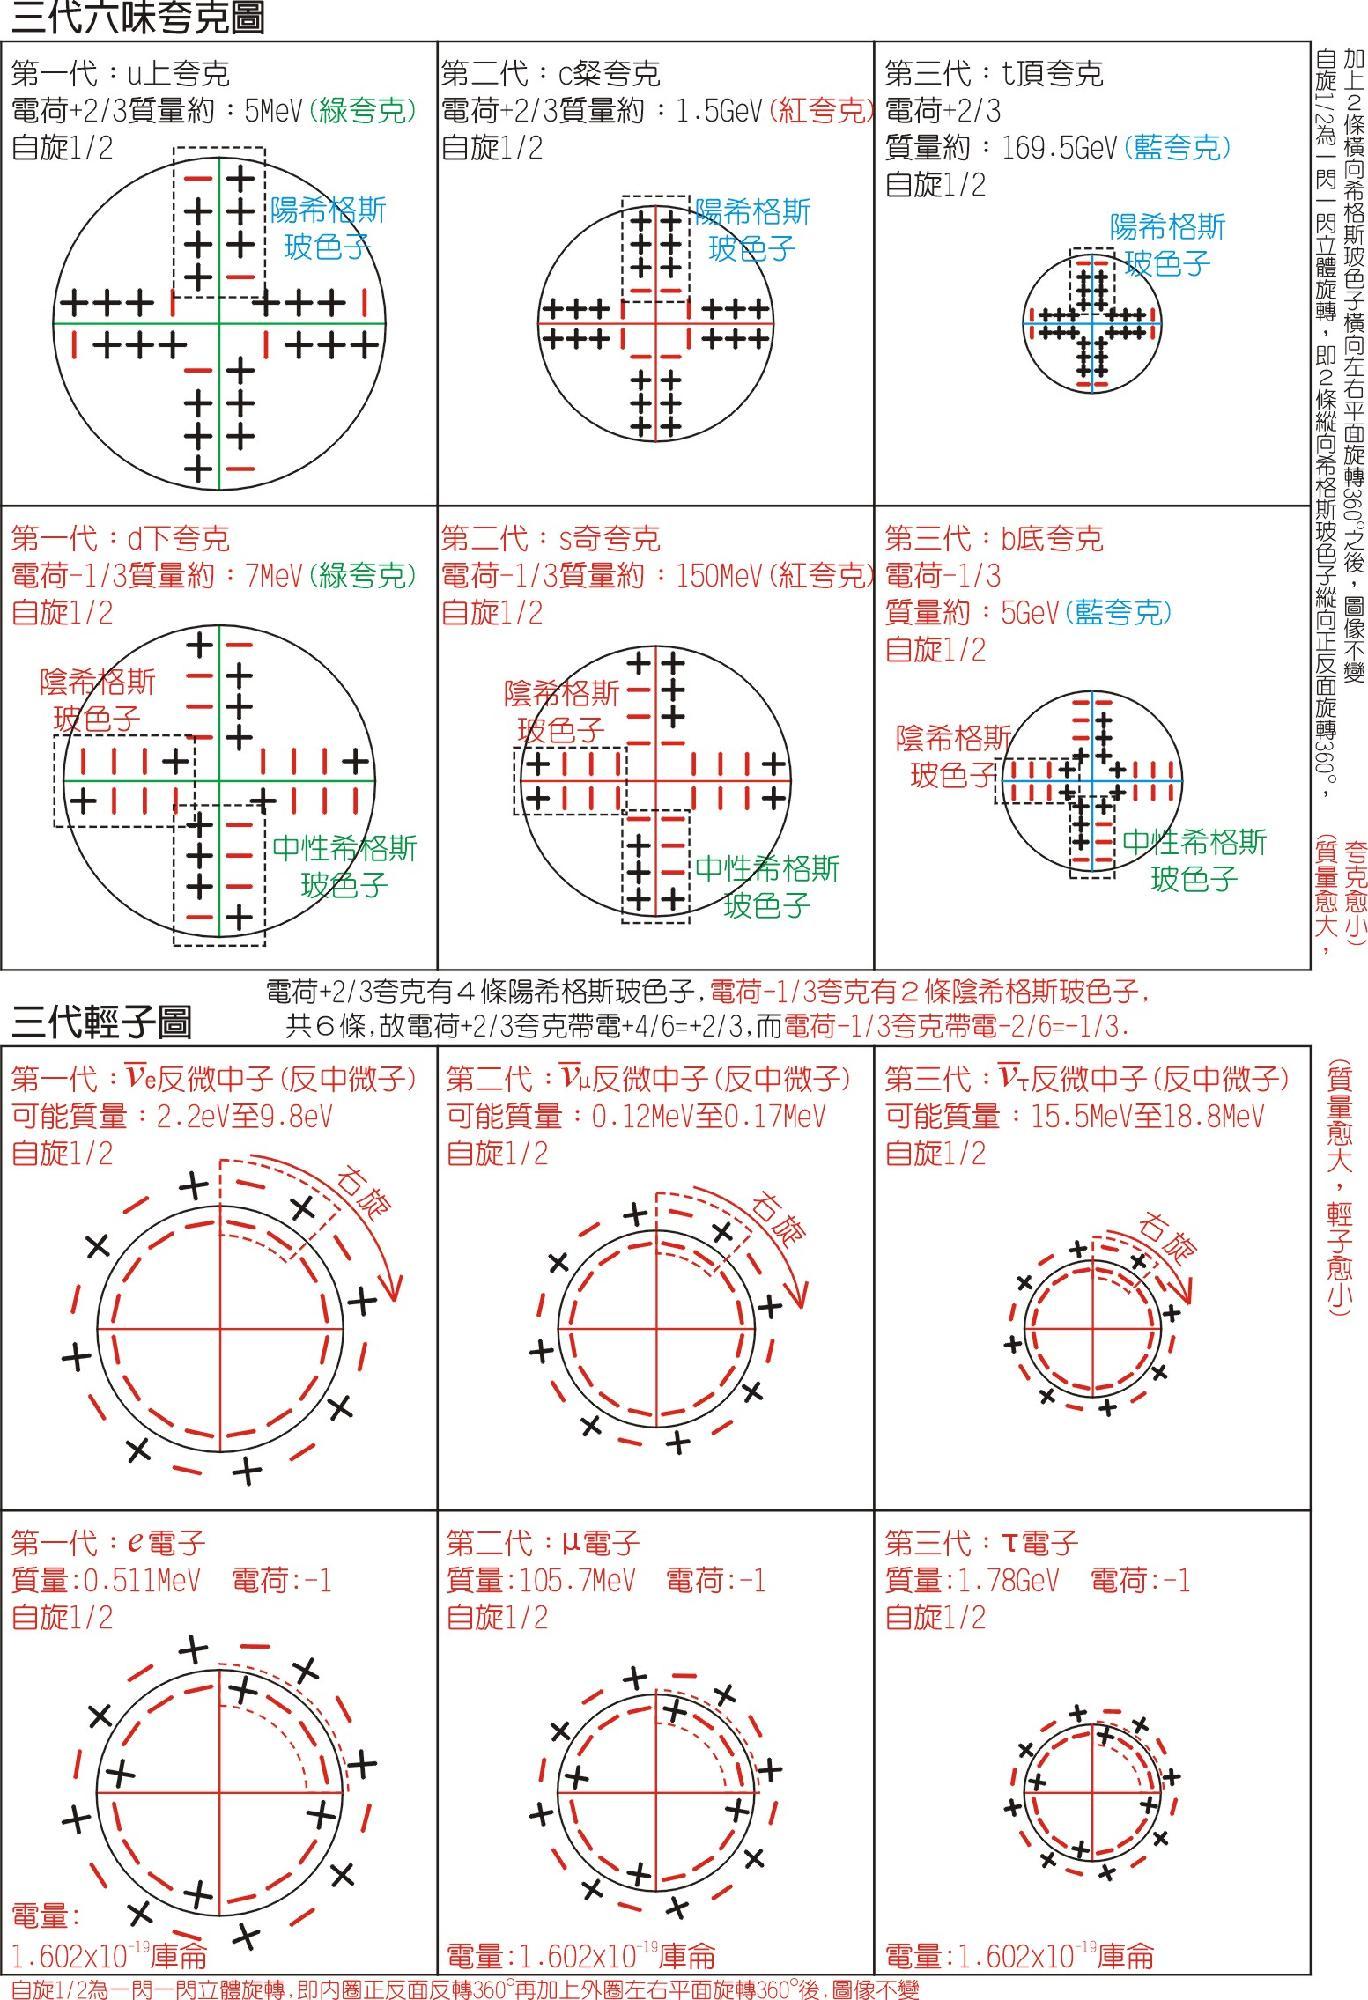 费米子:夸克和轻子-内部结构模型图